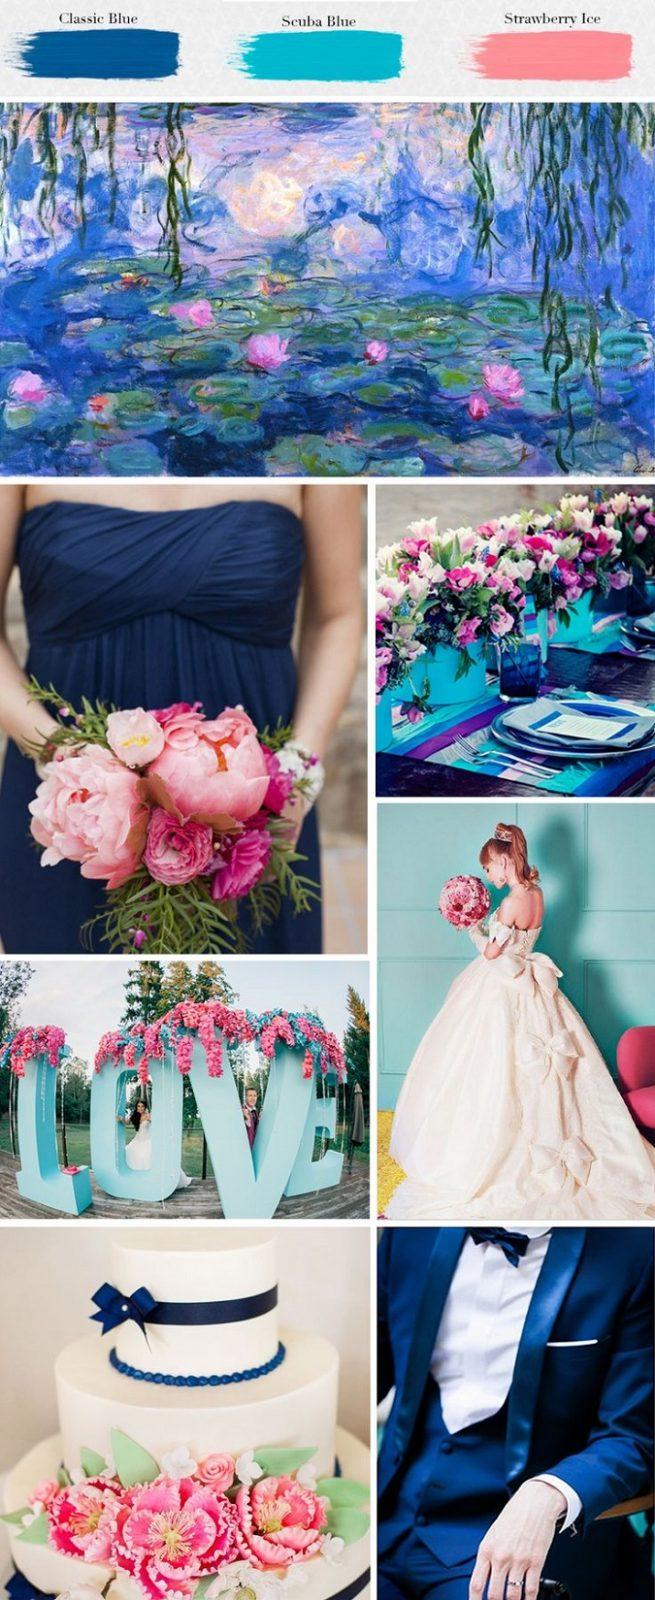 Wedding Colour Scheme {Classic Blue, Scuba Blue